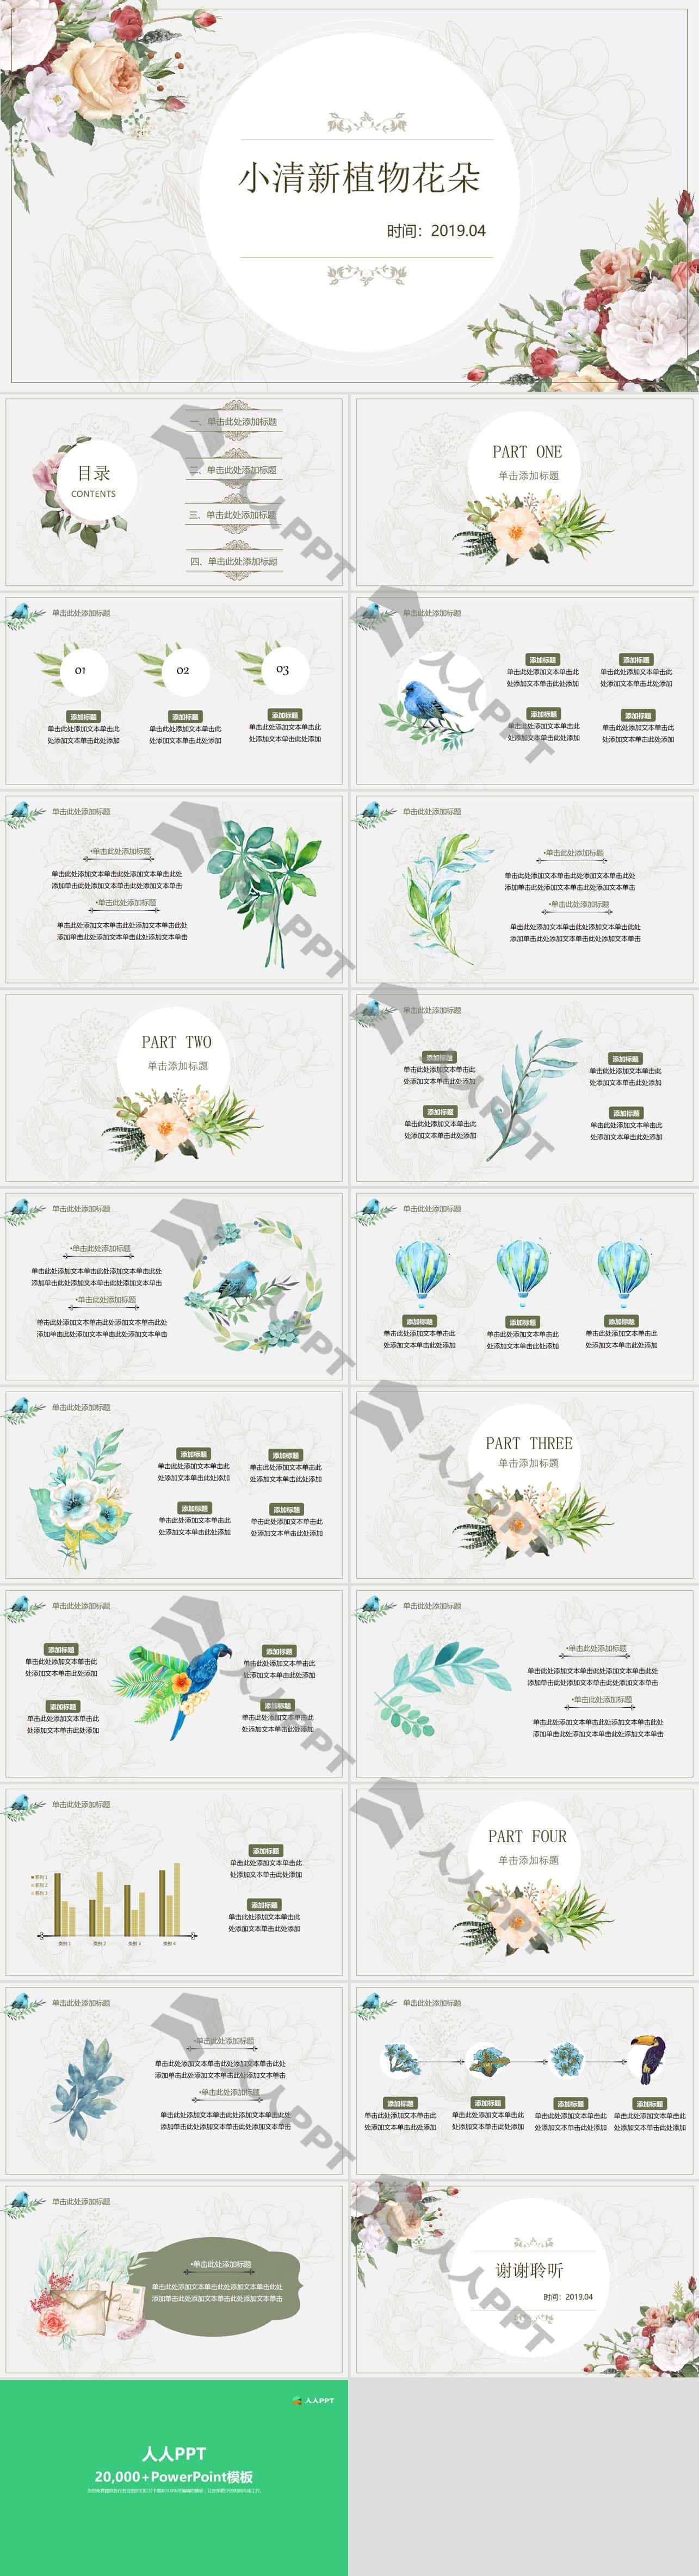 清新复古水彩花朵PPT模板长图